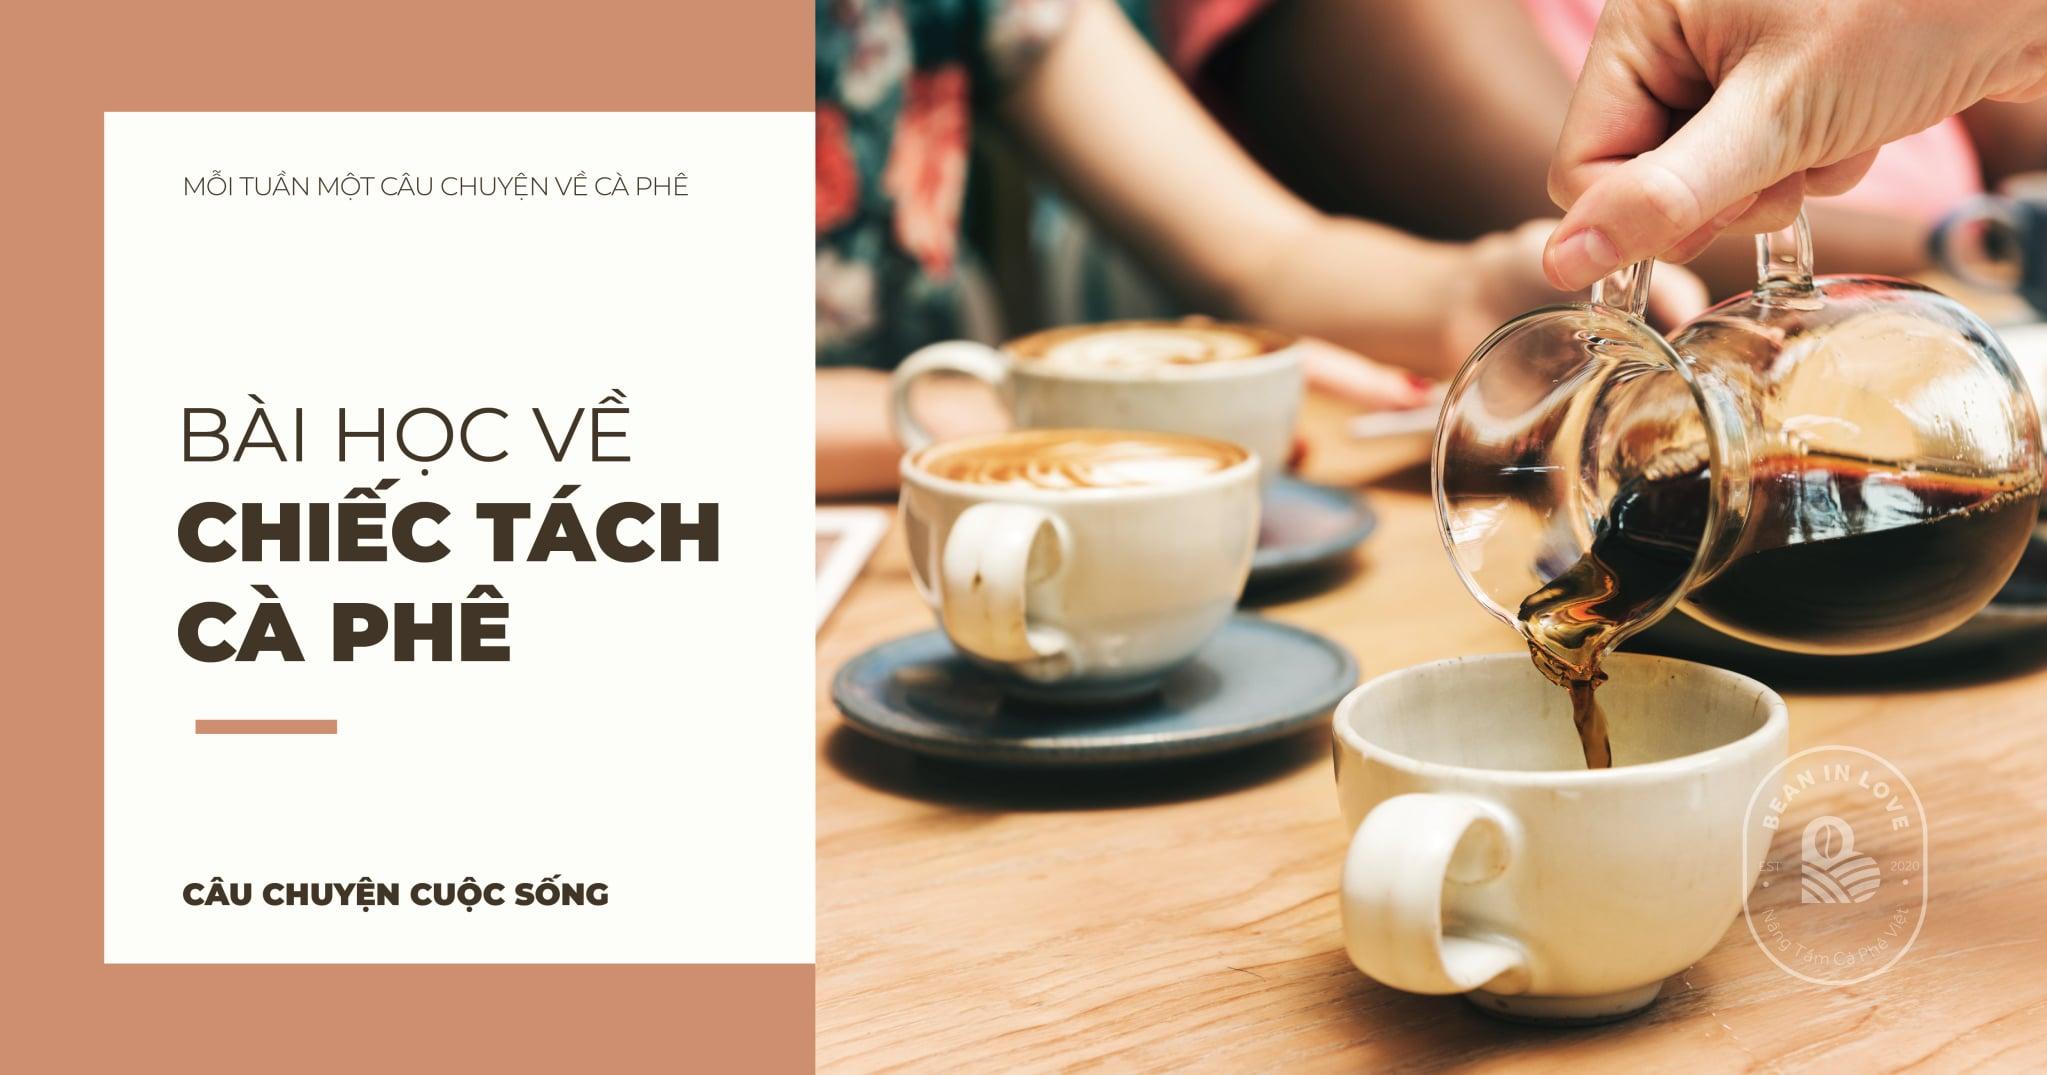 Bài học về chiếc tách cà phê